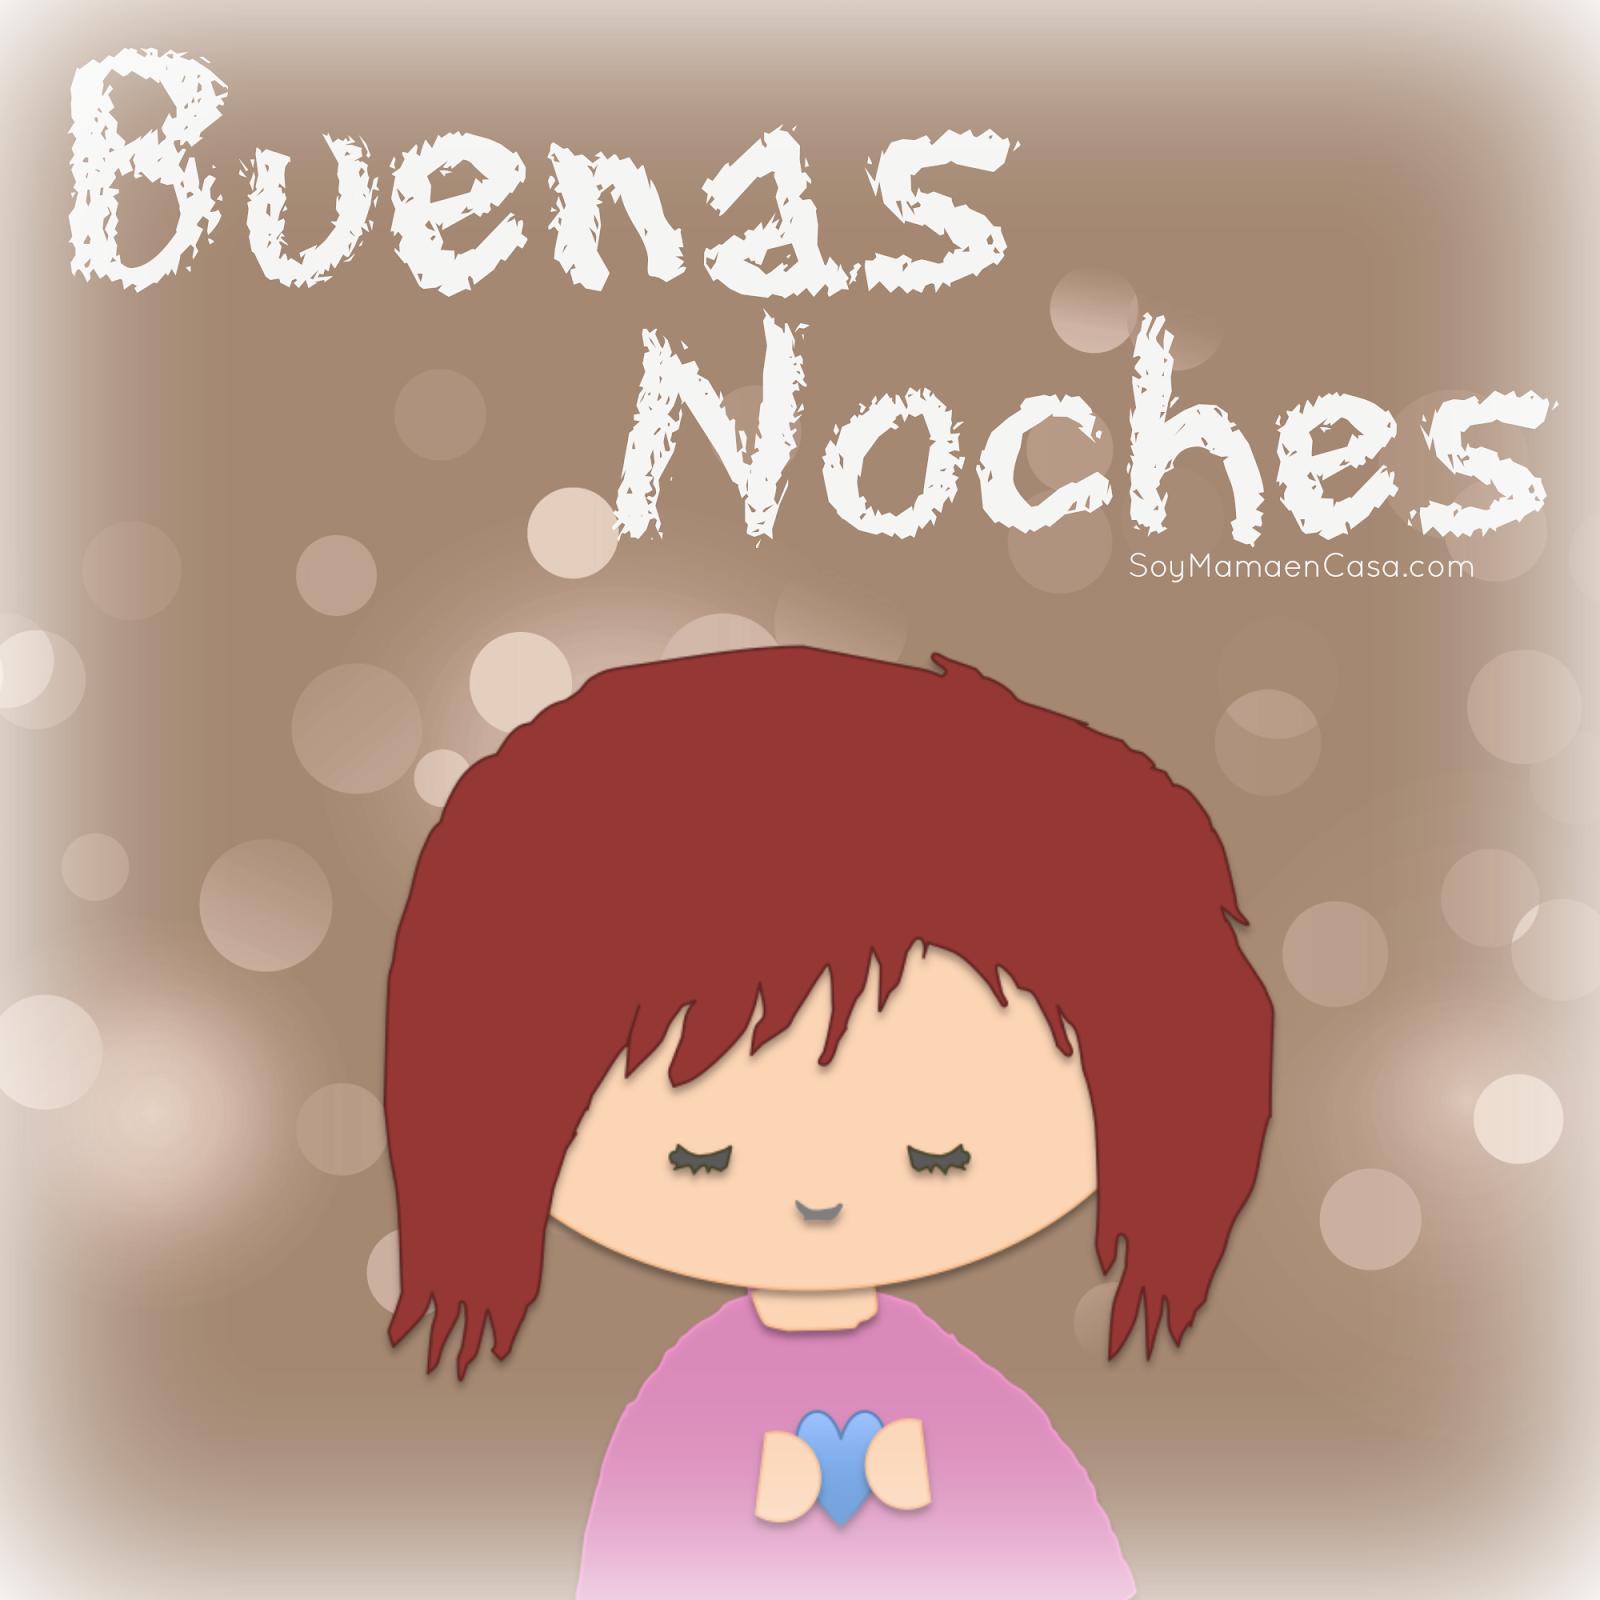 buenas noches, dulces sueños, good night